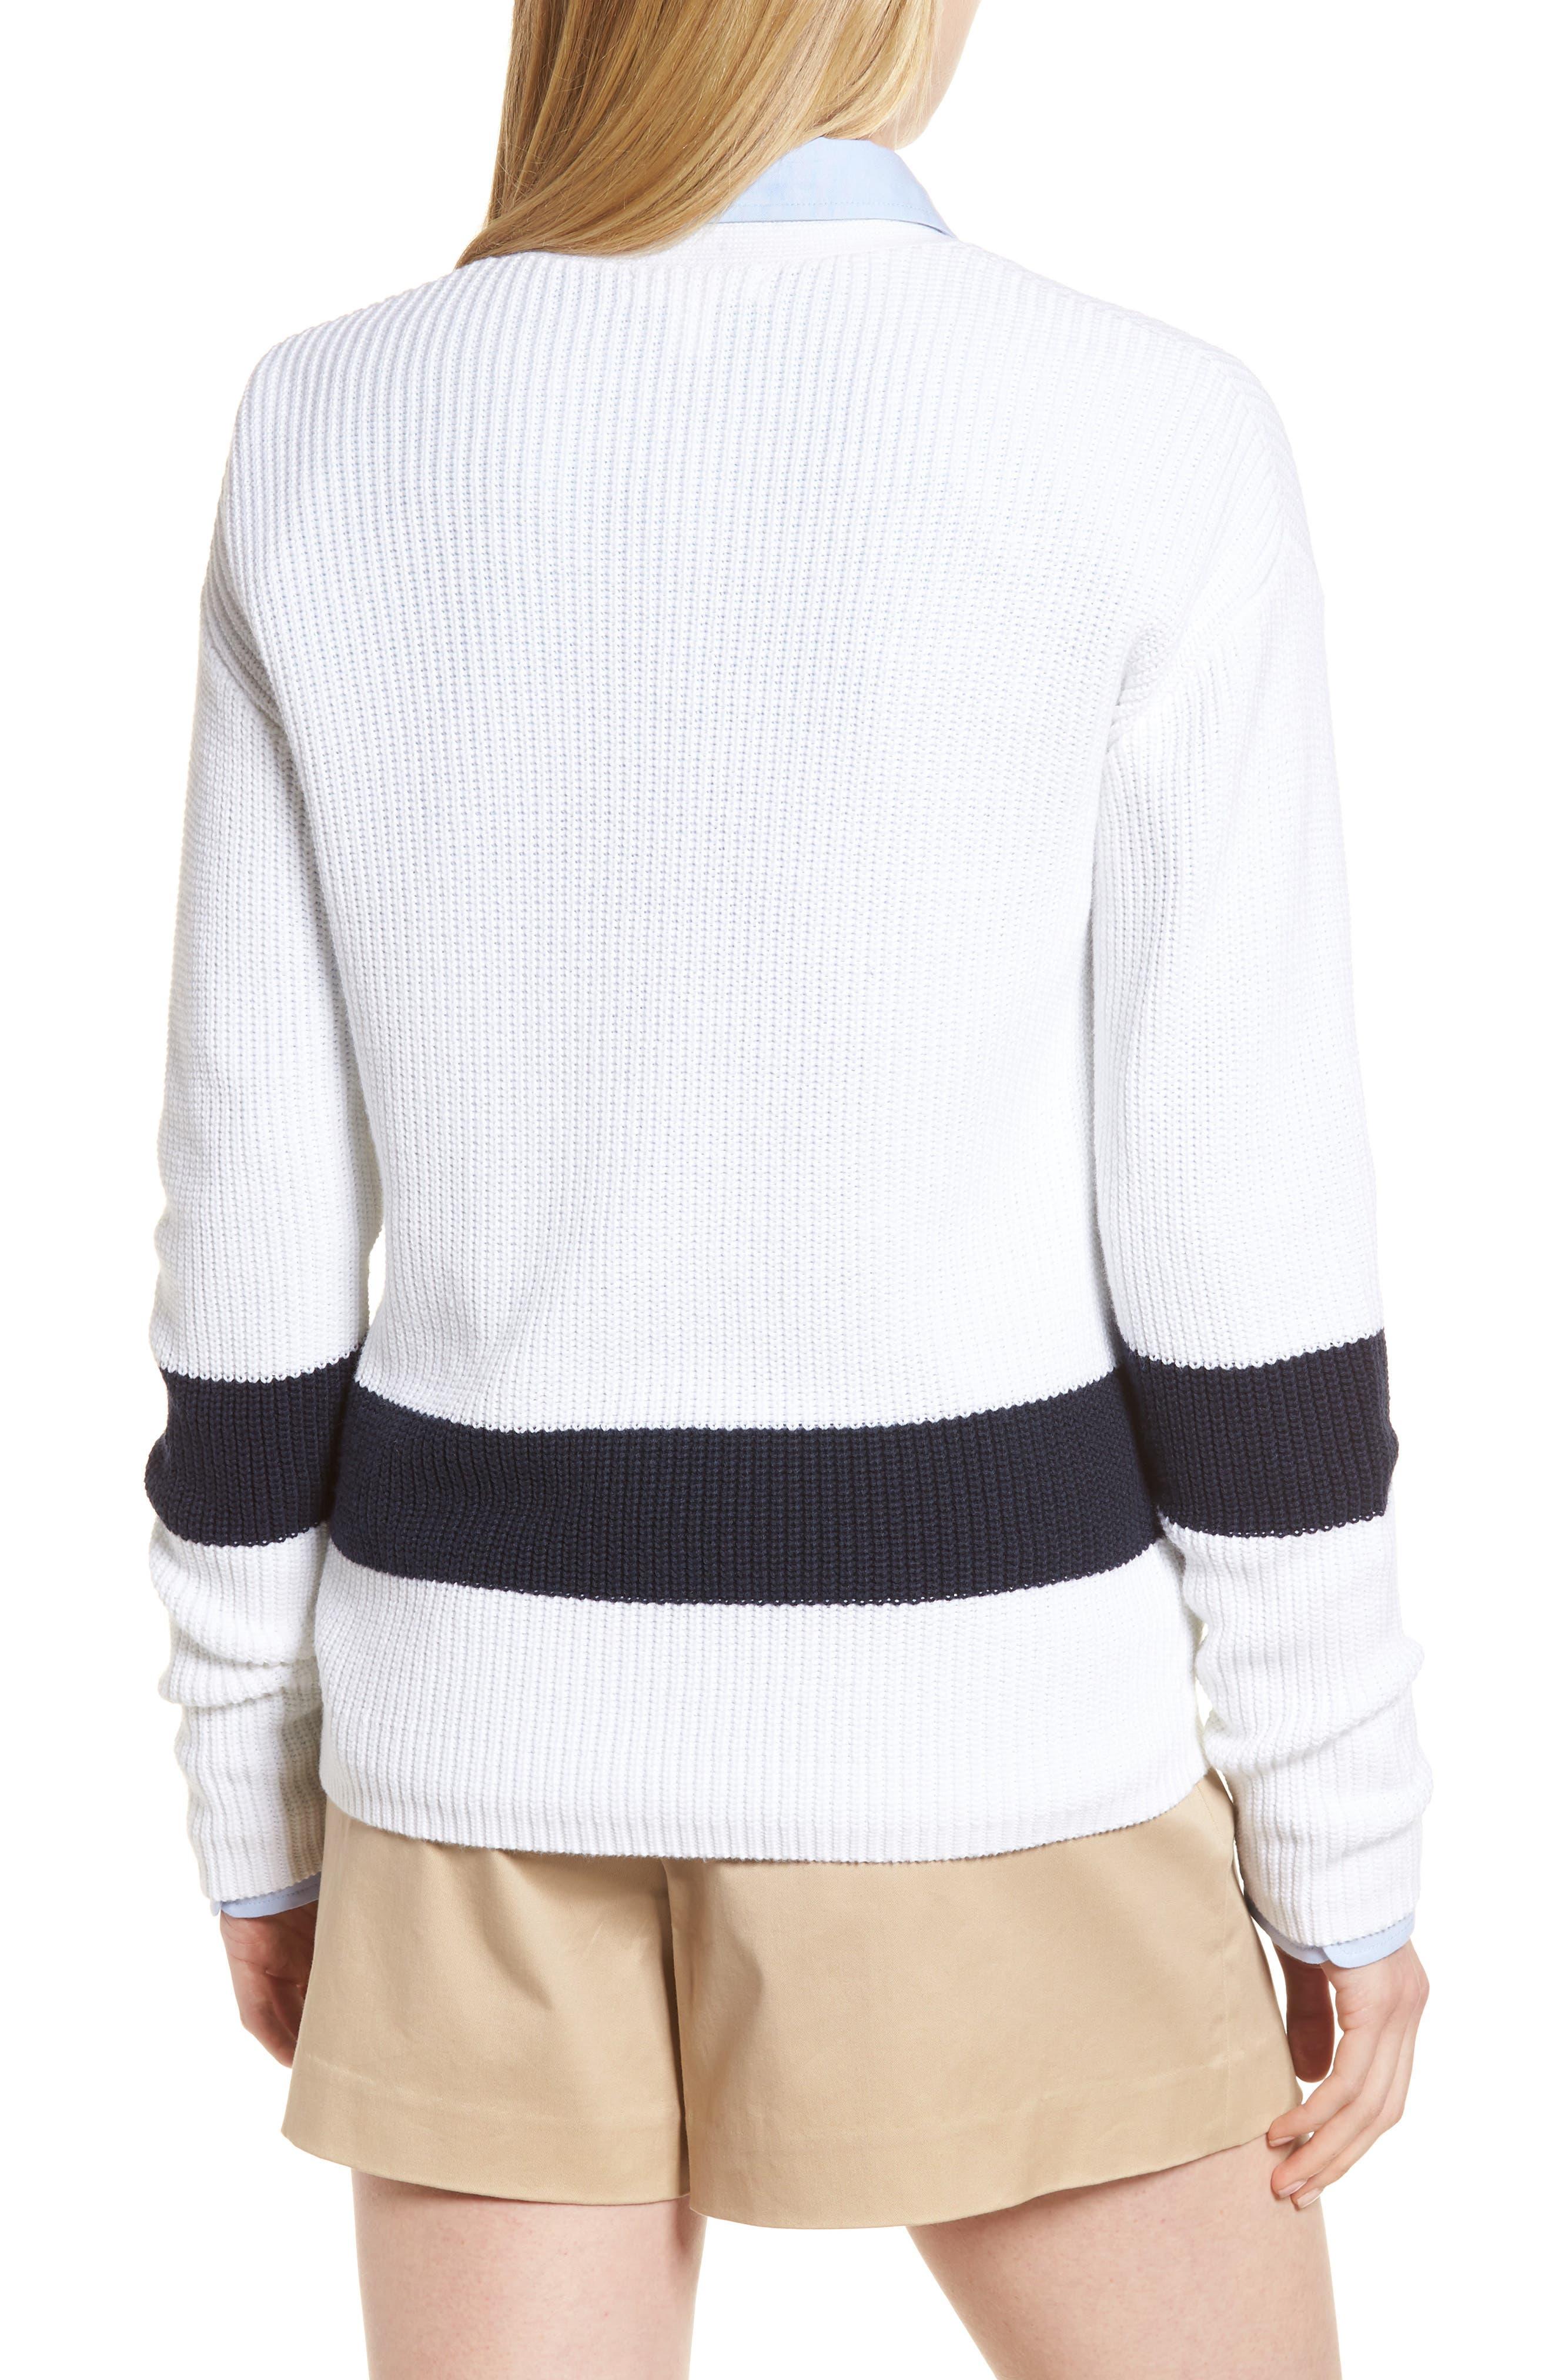 Shaker Knit Cardigan,                             Alternate thumbnail 2, color,                             100